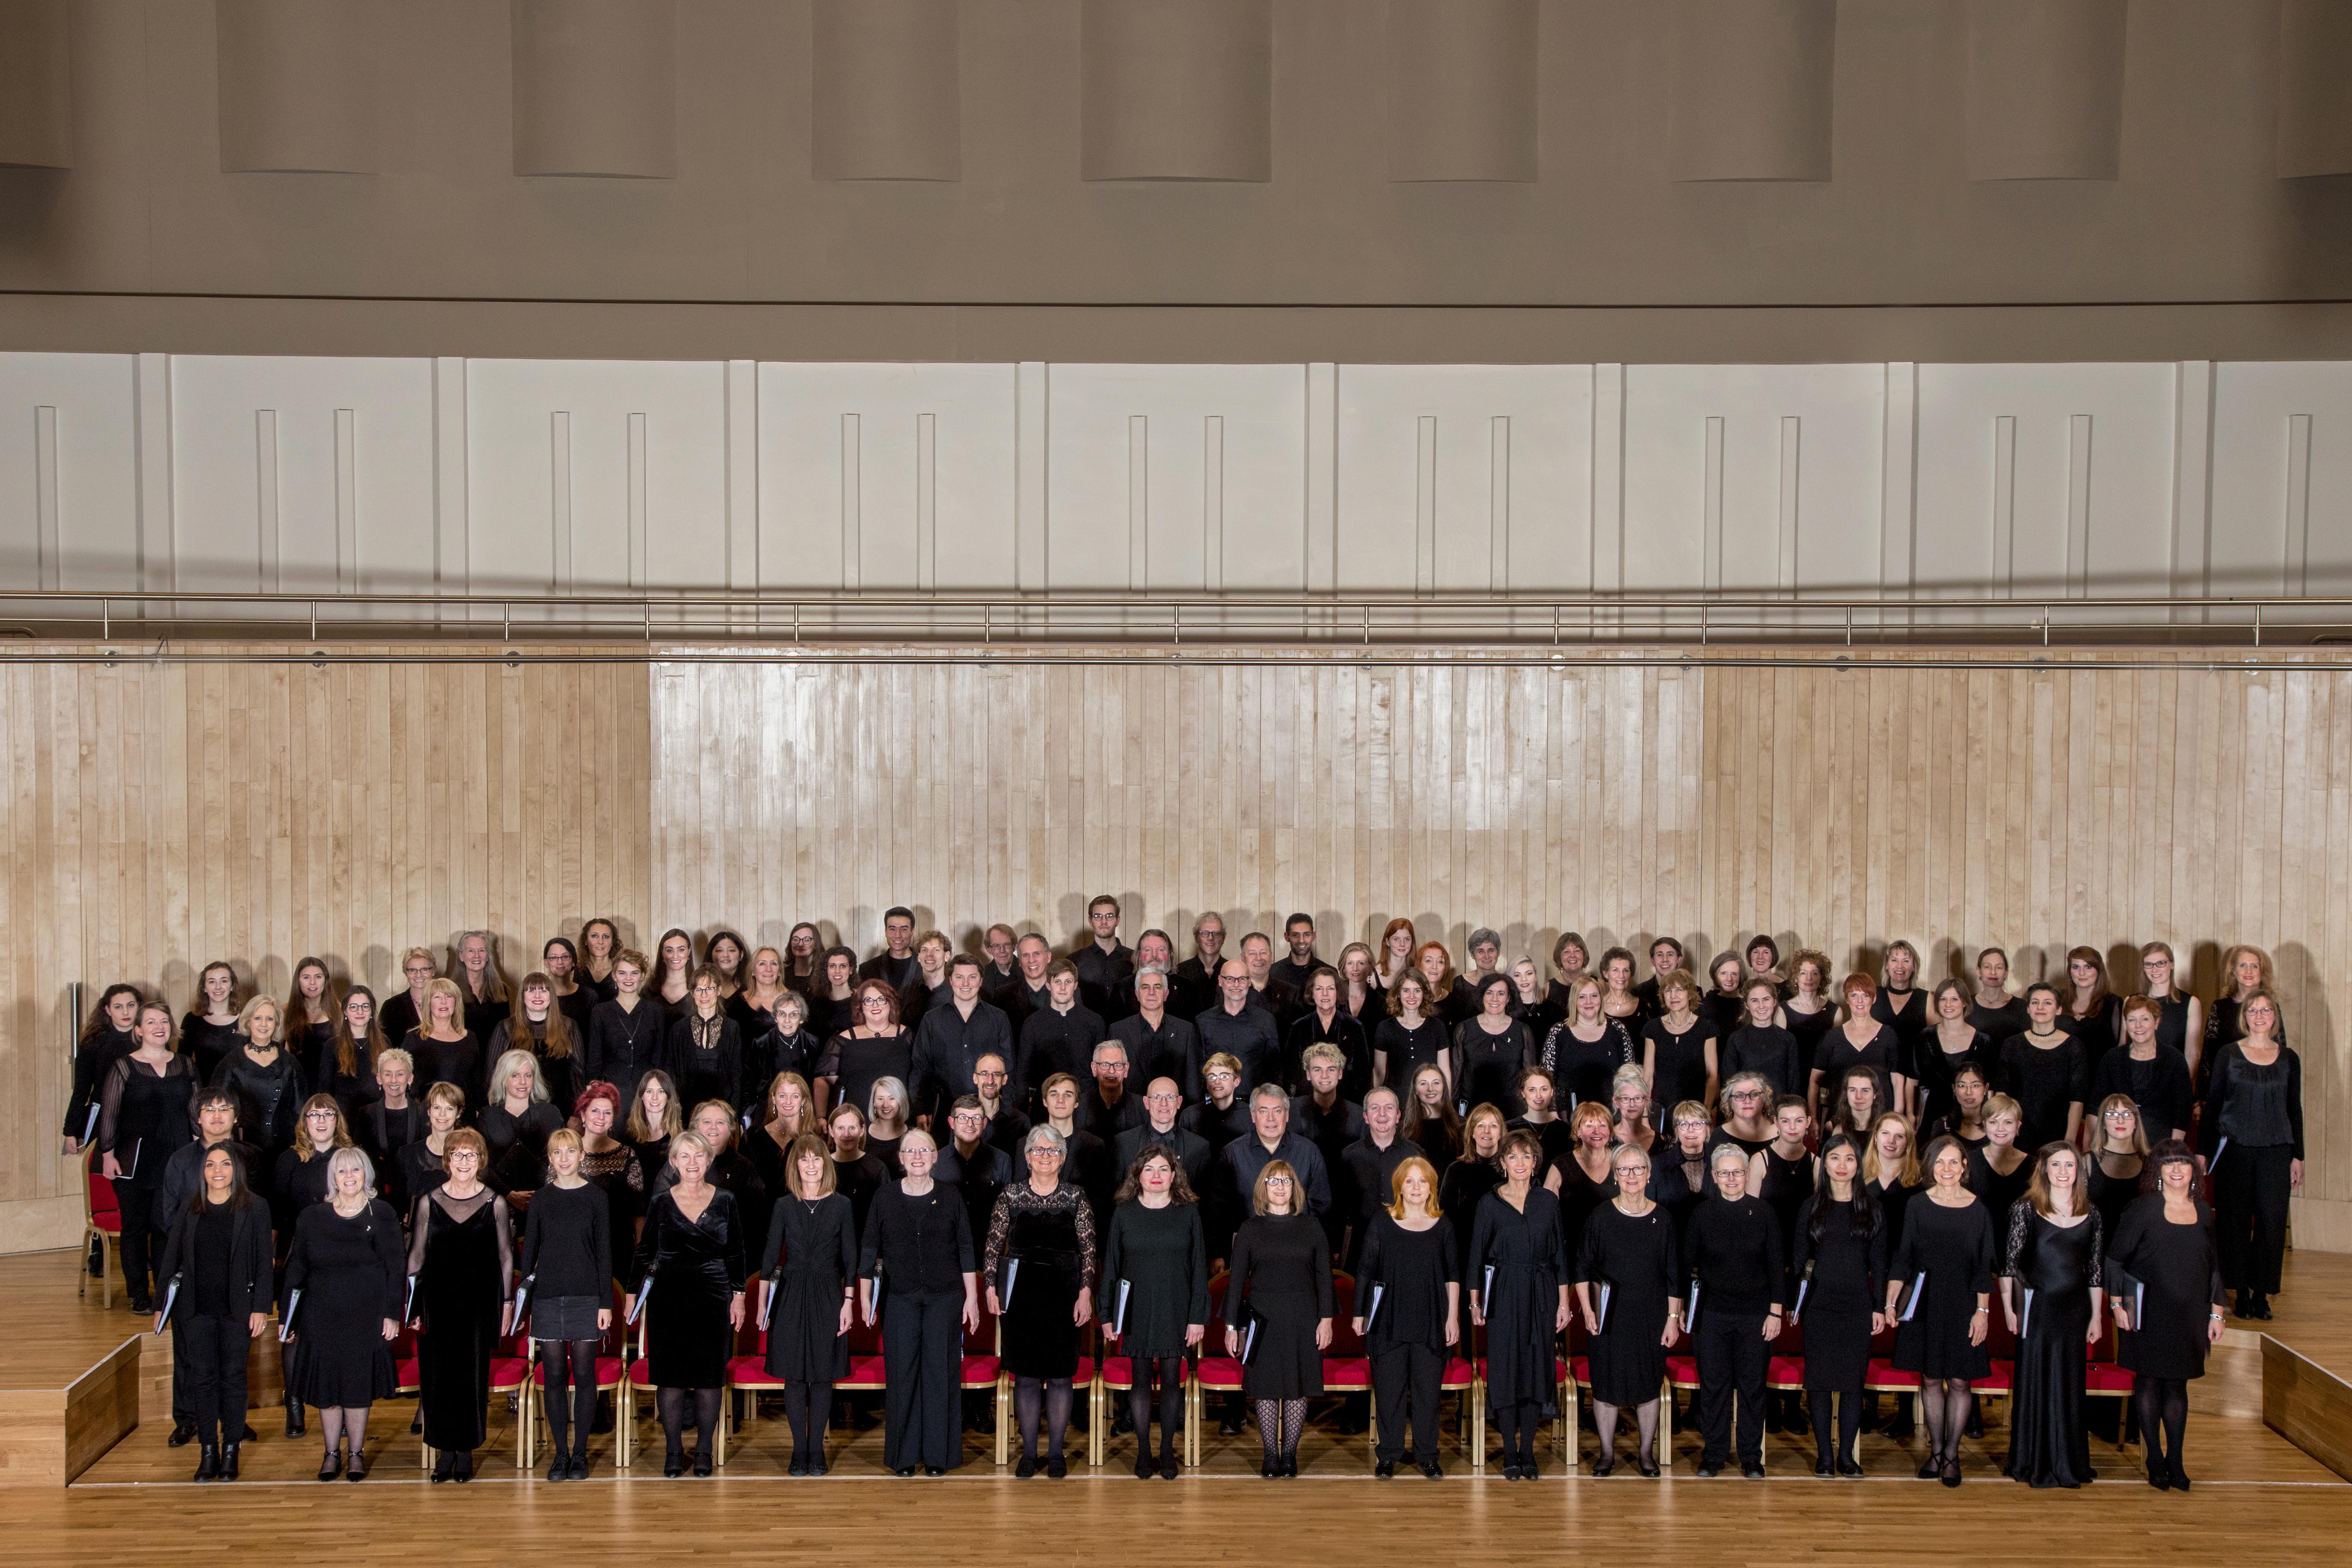 hr-gsa-choir-mjw2017-2017_edit